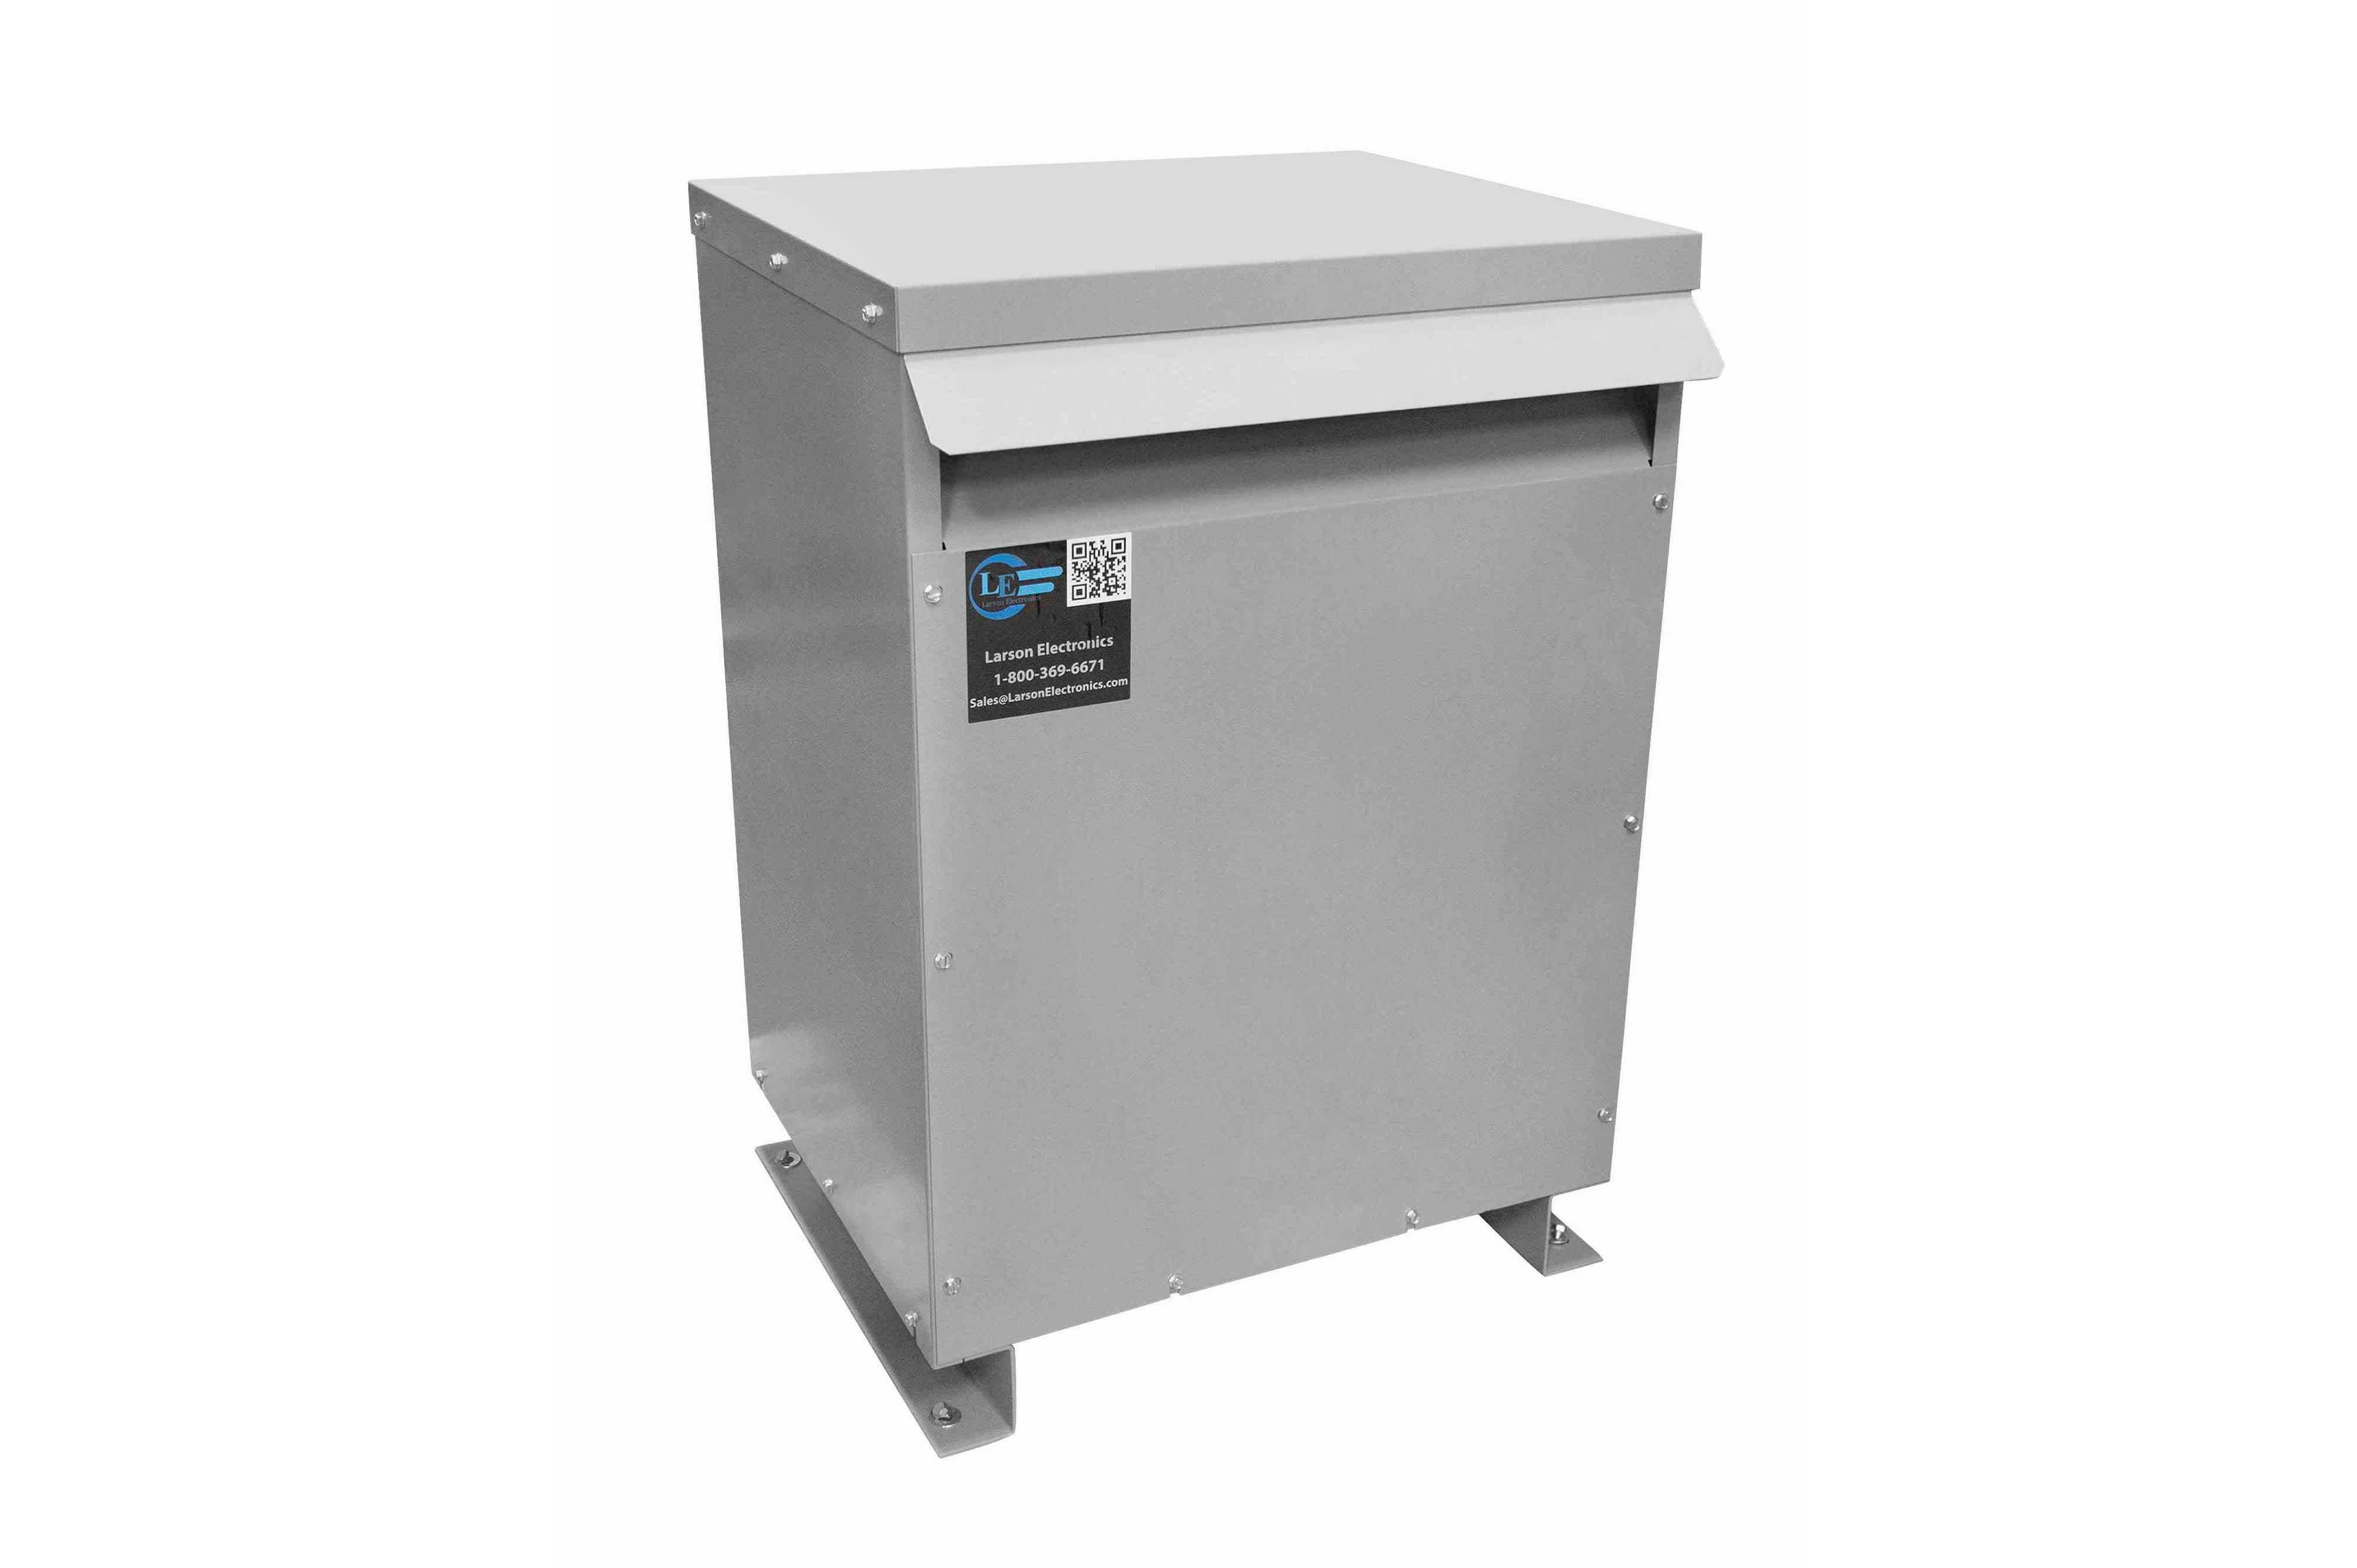 100 kVA 3PH Isolation Transformer, 230V Delta Primary, 480V Delta Secondary, N3R, Ventilated, 60 Hz